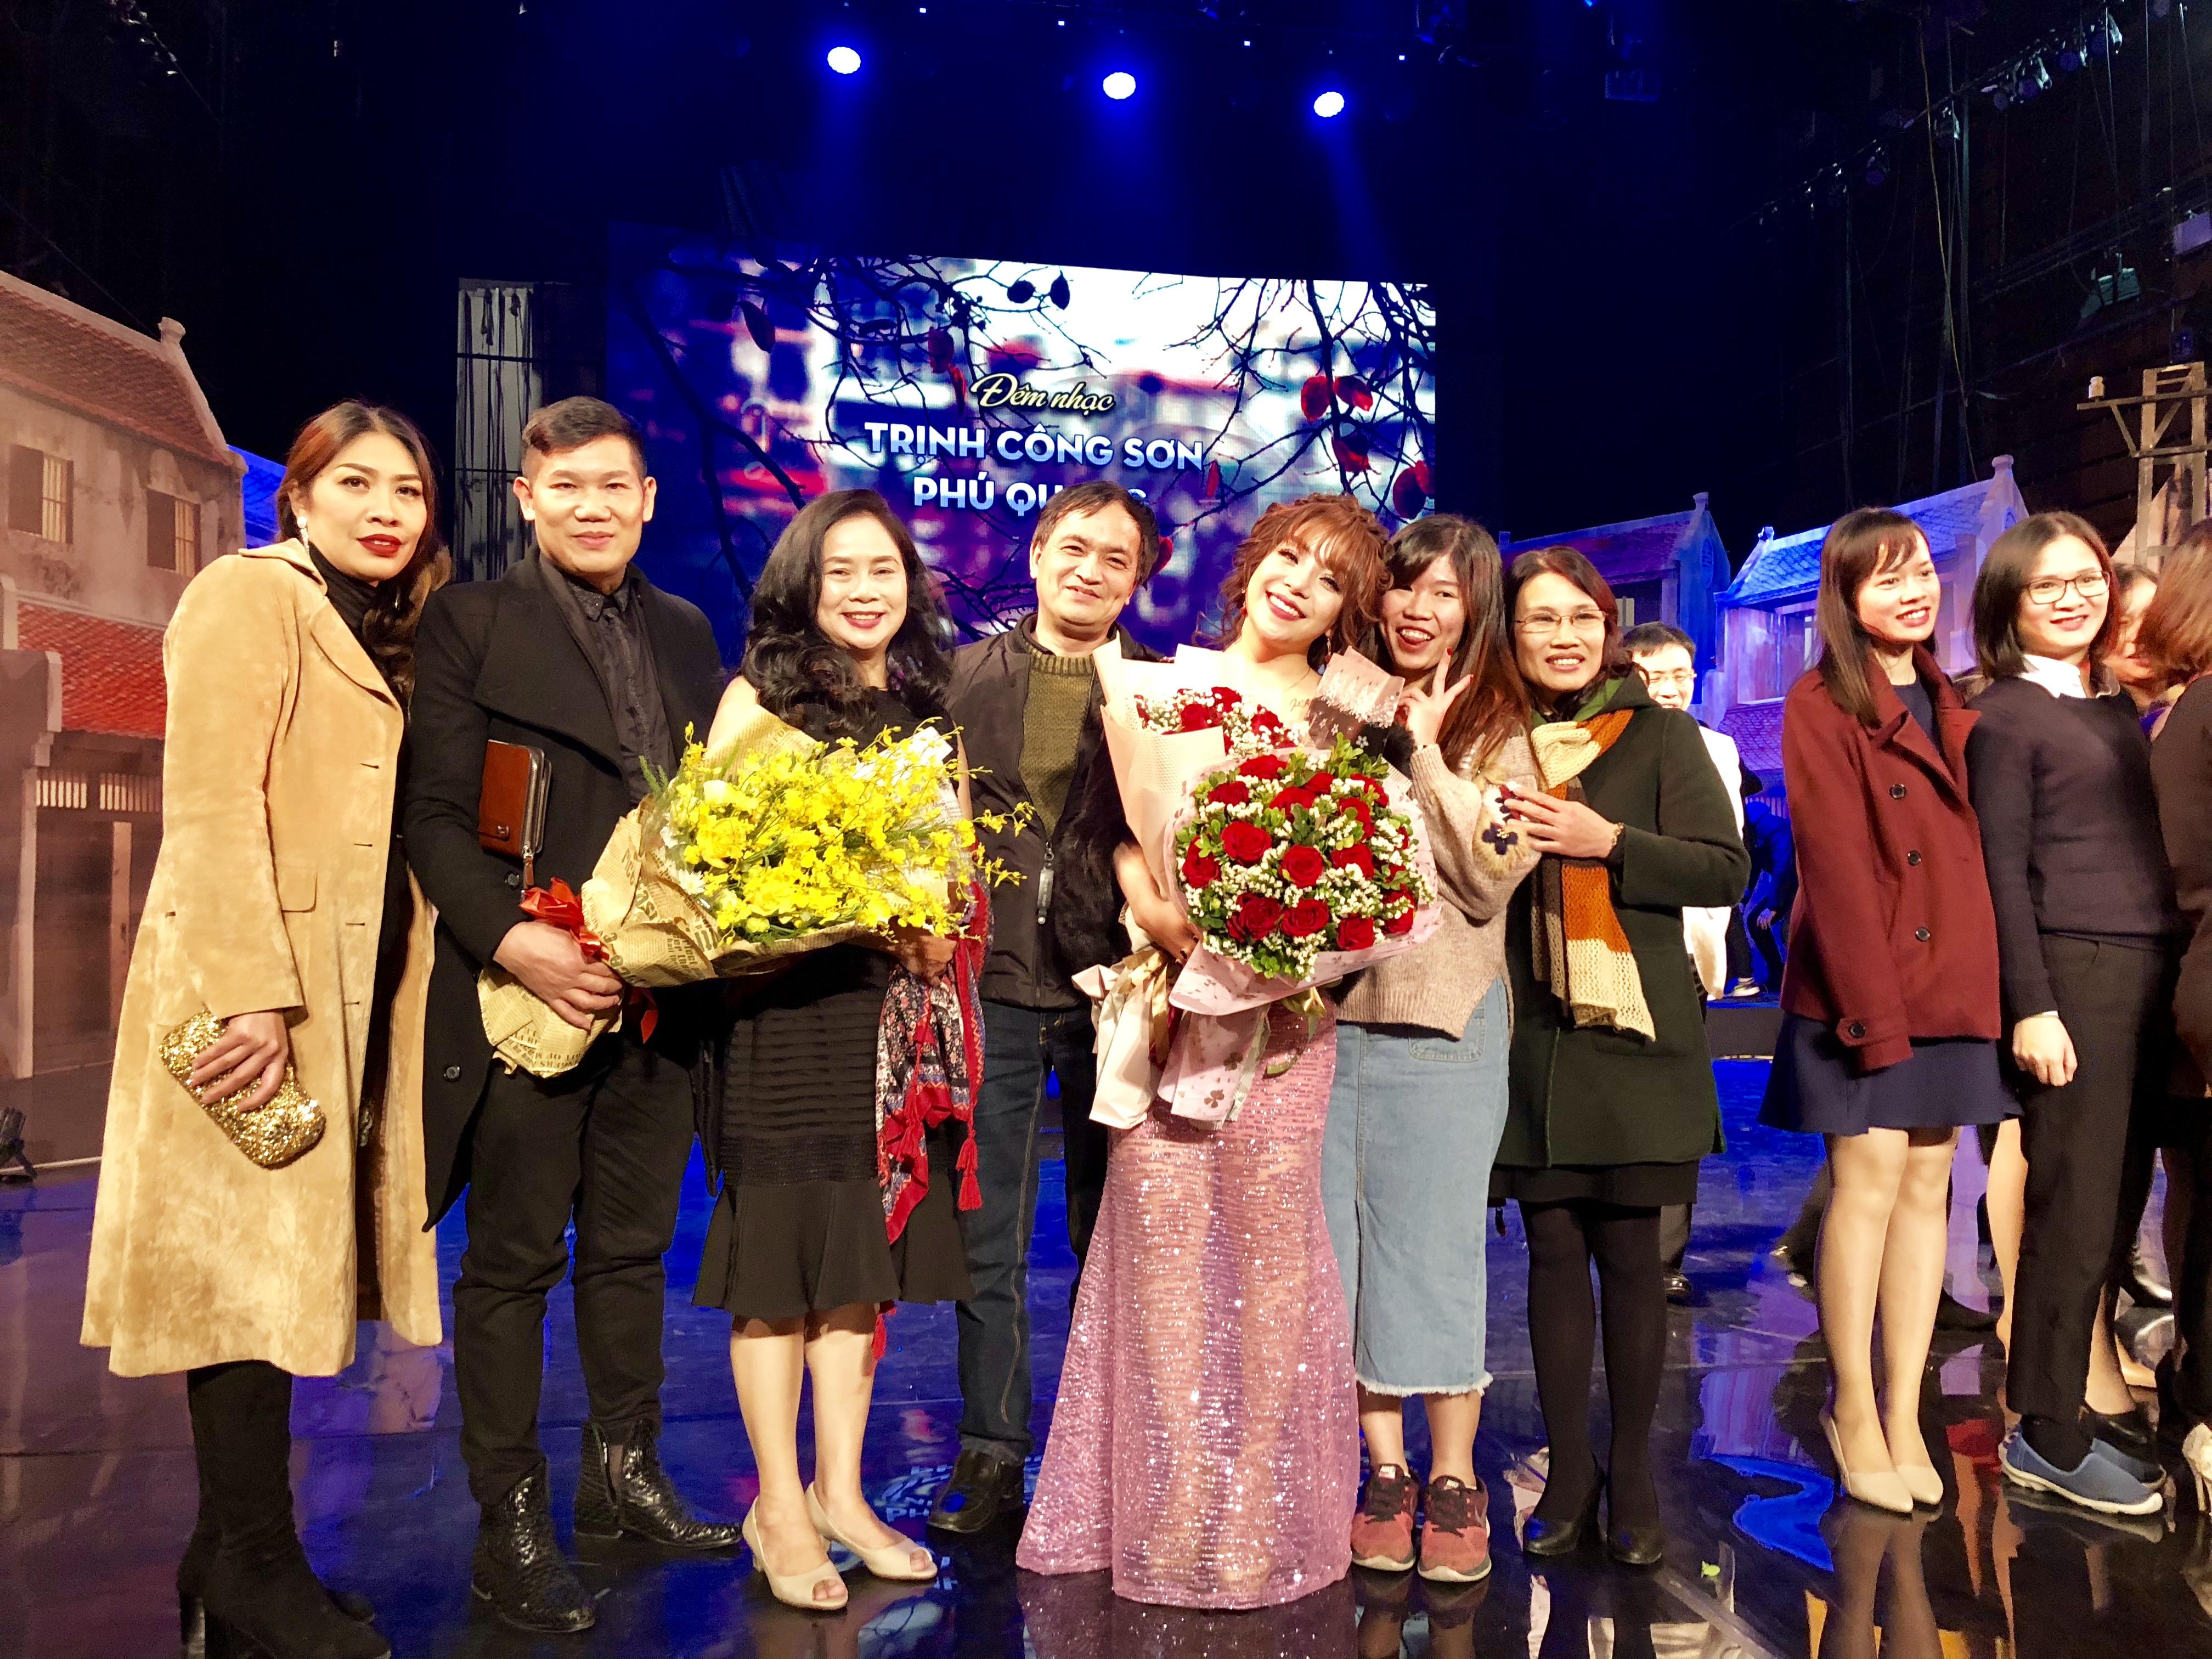 Hình ảnh Minh Chuyên công phá nhạc Phú Quang, đón sinh nhật đặc biệt số 3